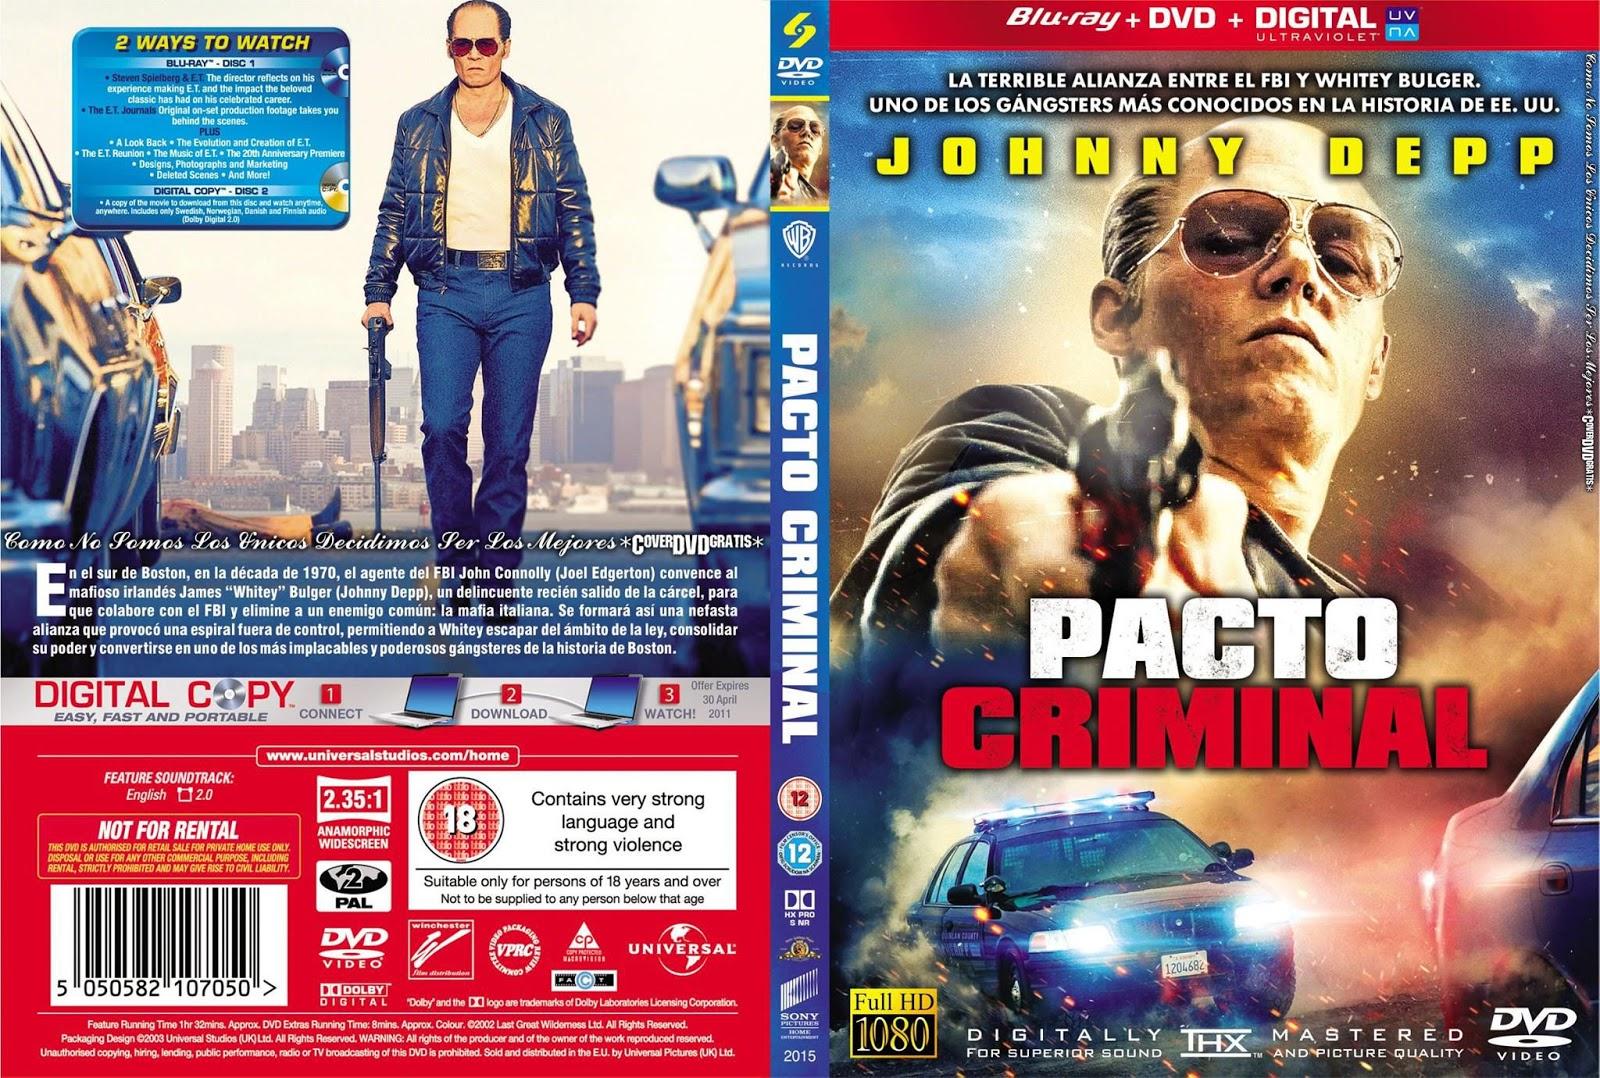 Jeruzalem movie dvd cover / Breaking bad s03e11 imdb